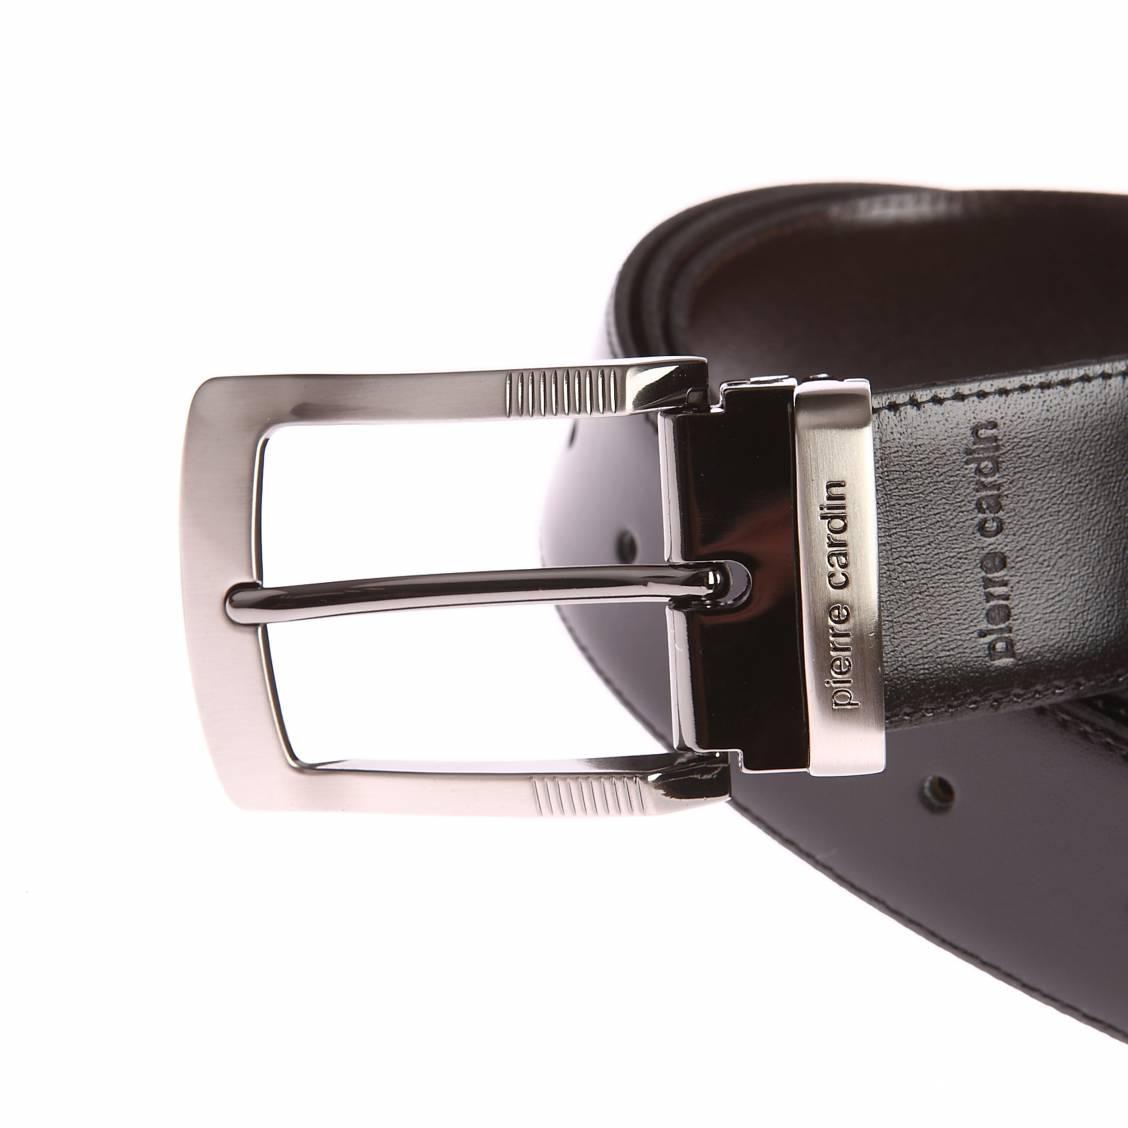 58de76a5c4a7 ... Coffret ceinture Pierre Cardin en cuir réversible noir et marron foncé  à boucles interchangeables   classique